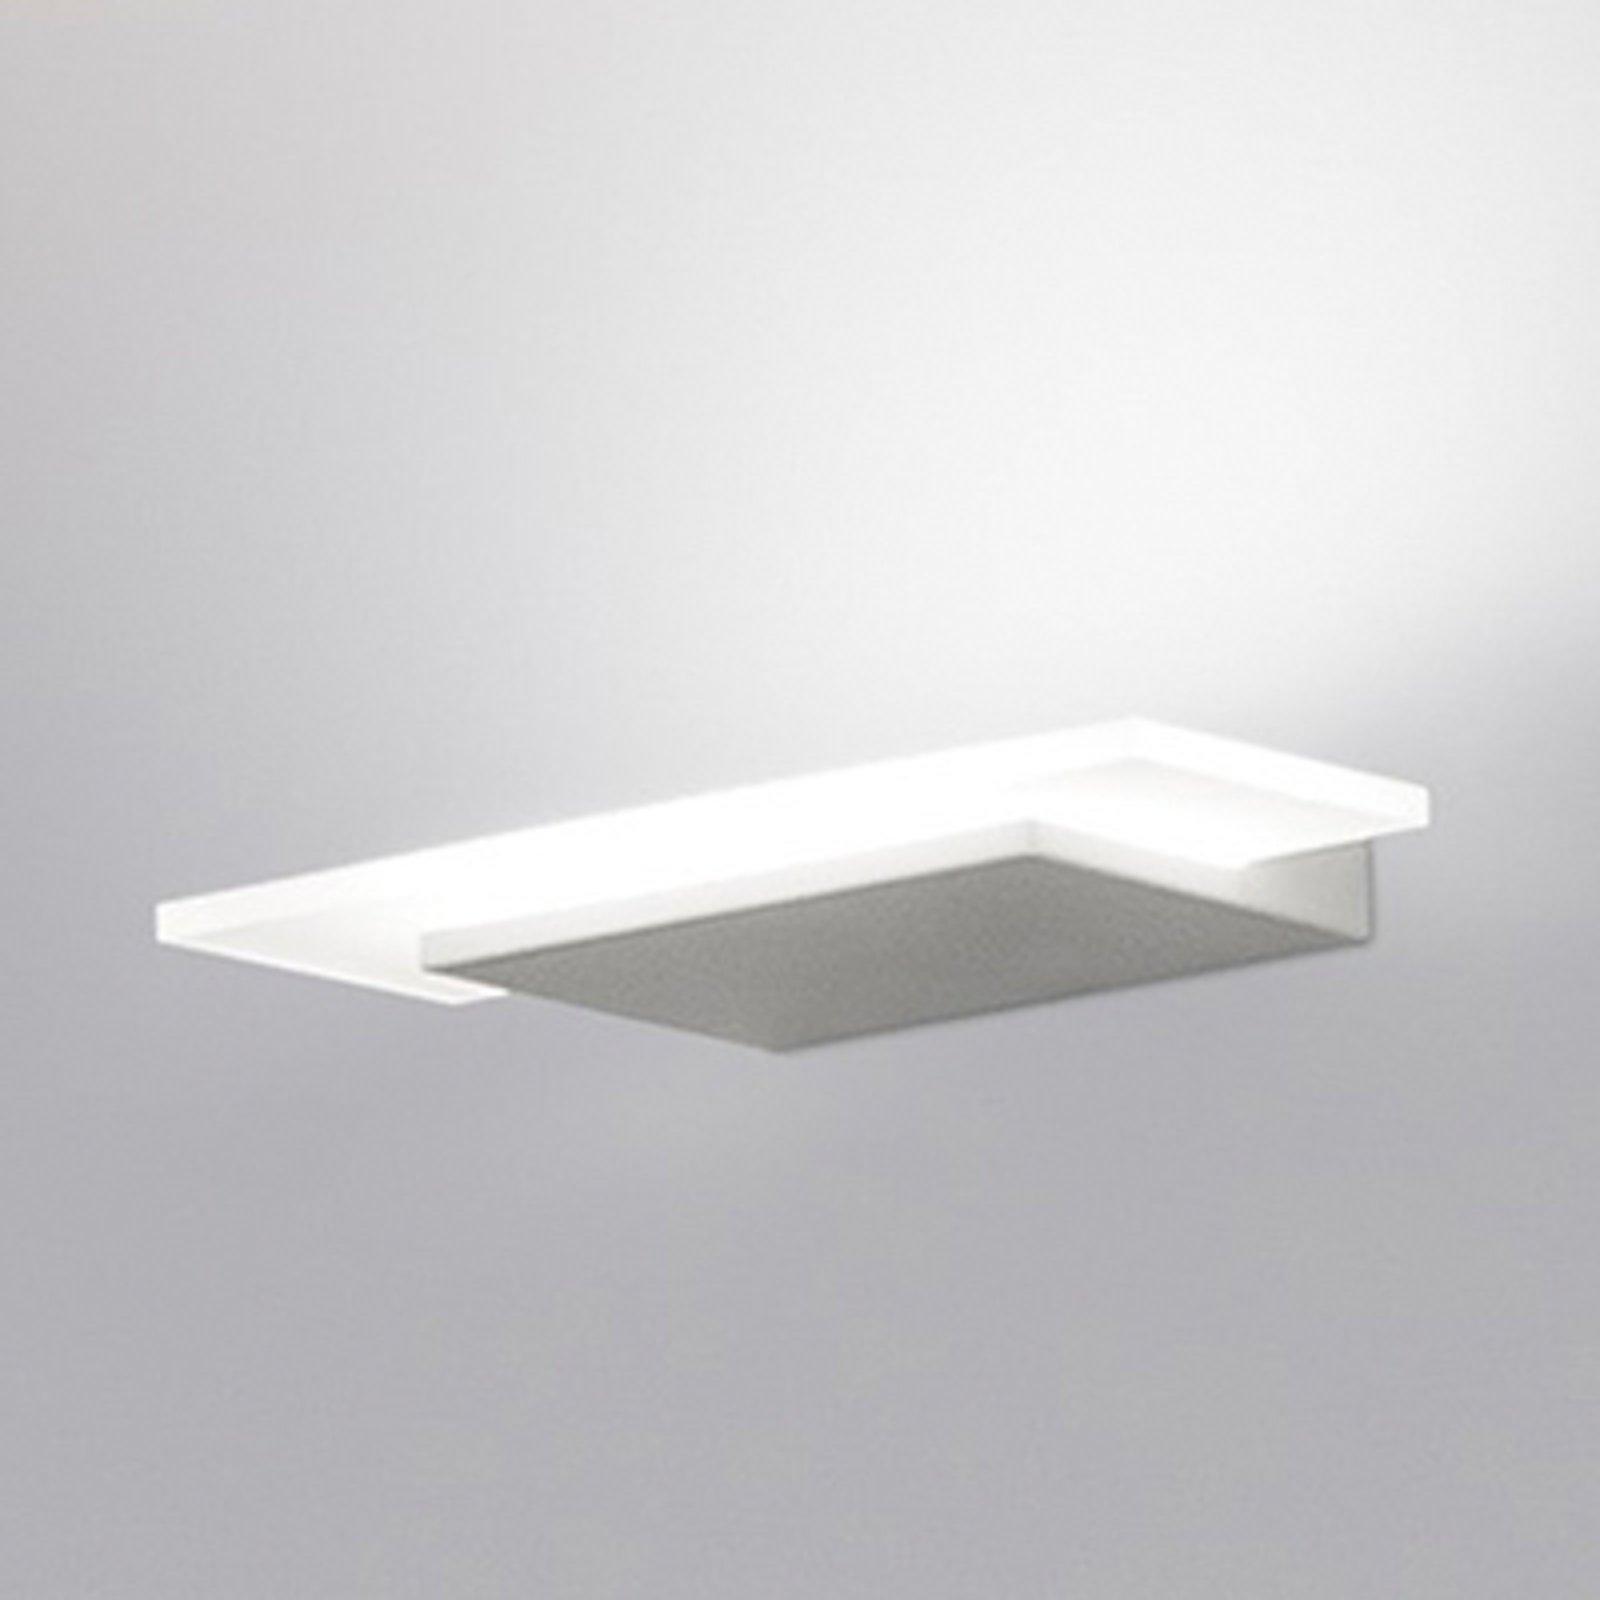 Dublight – LED-vegglampe, 30 cm